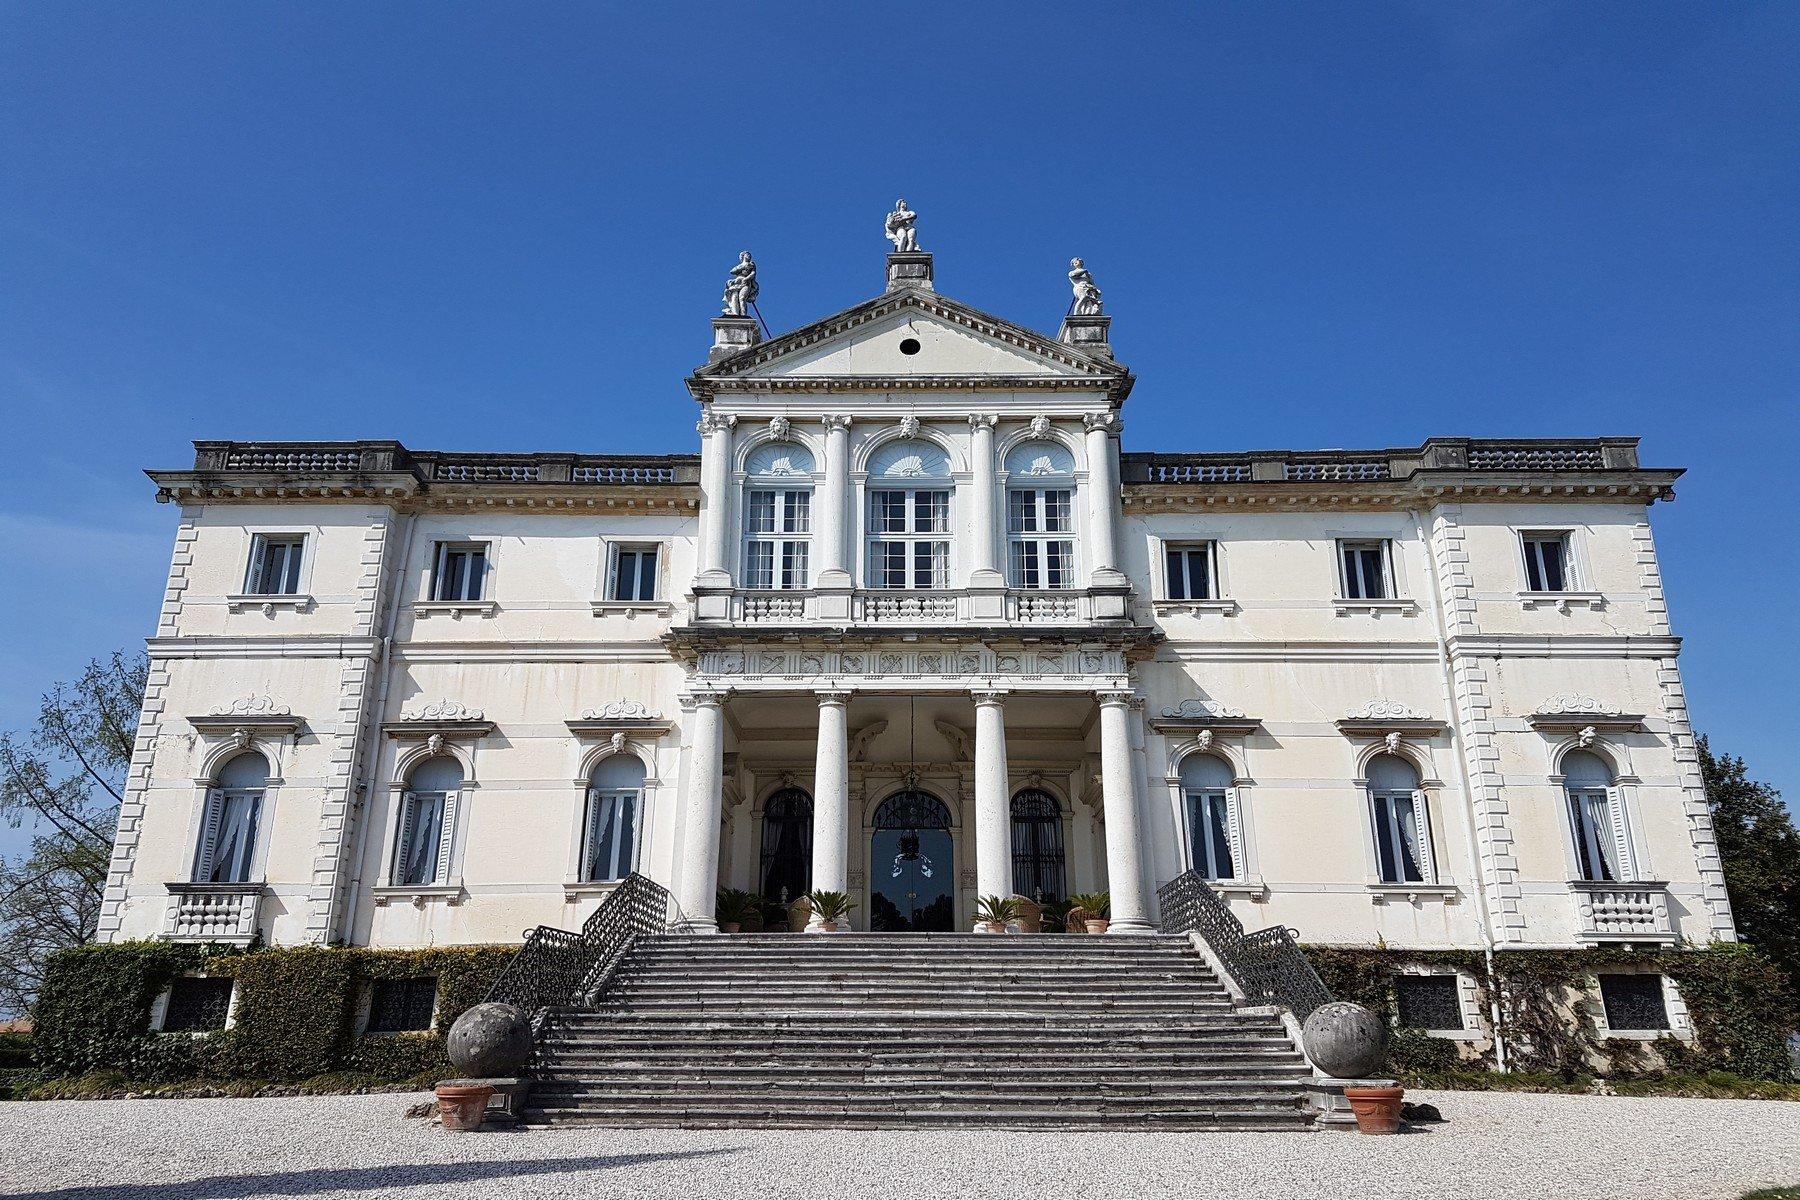 House in Conegliano, Veneto, Italy 1